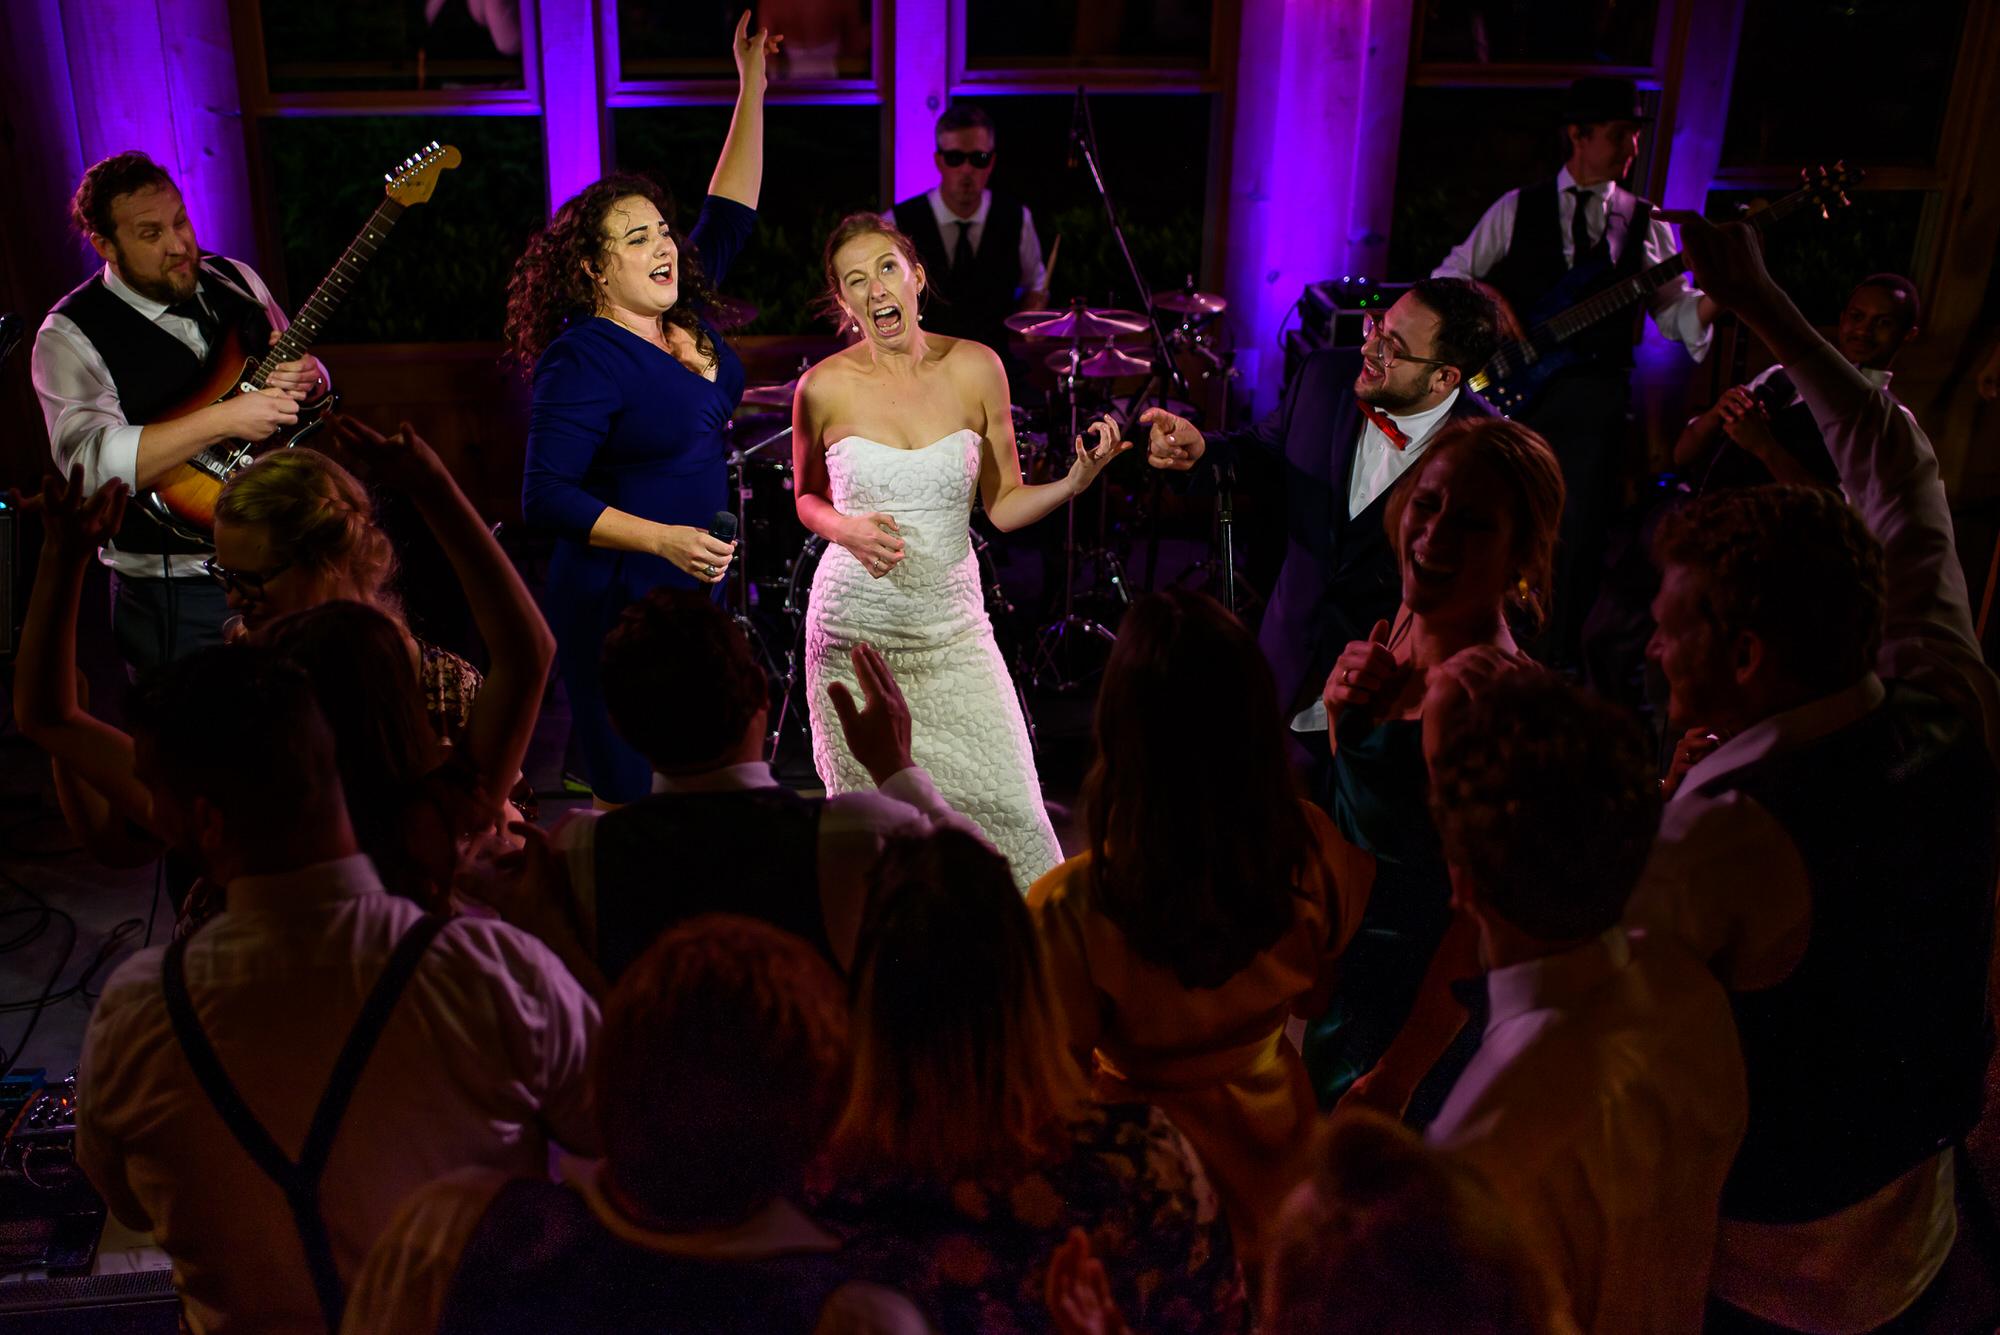 Bride making funny face on dance floor - photo by Tyler Wirken